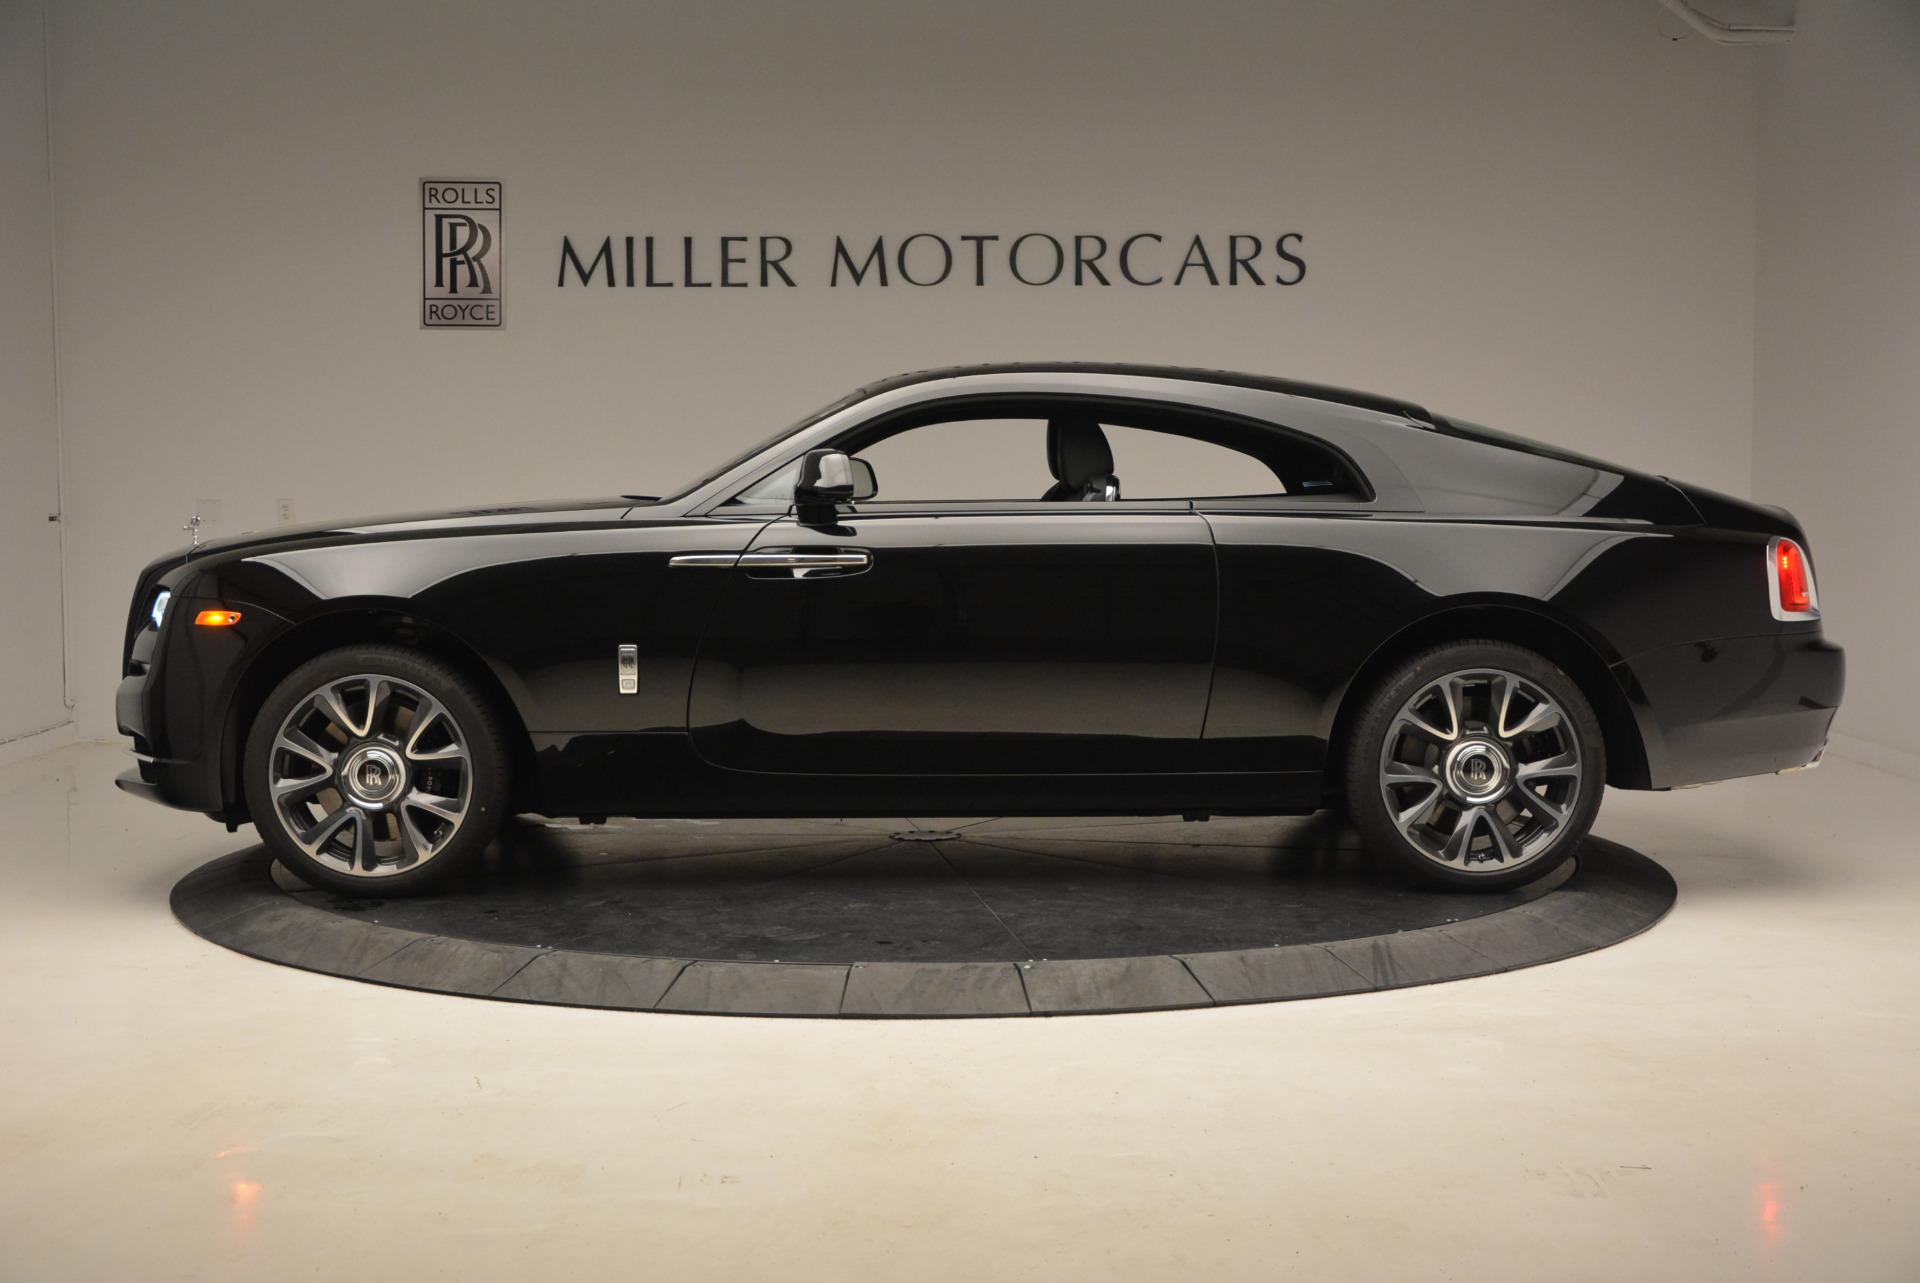 New 2018 Rolls Royce Wraith Greenwich Ct